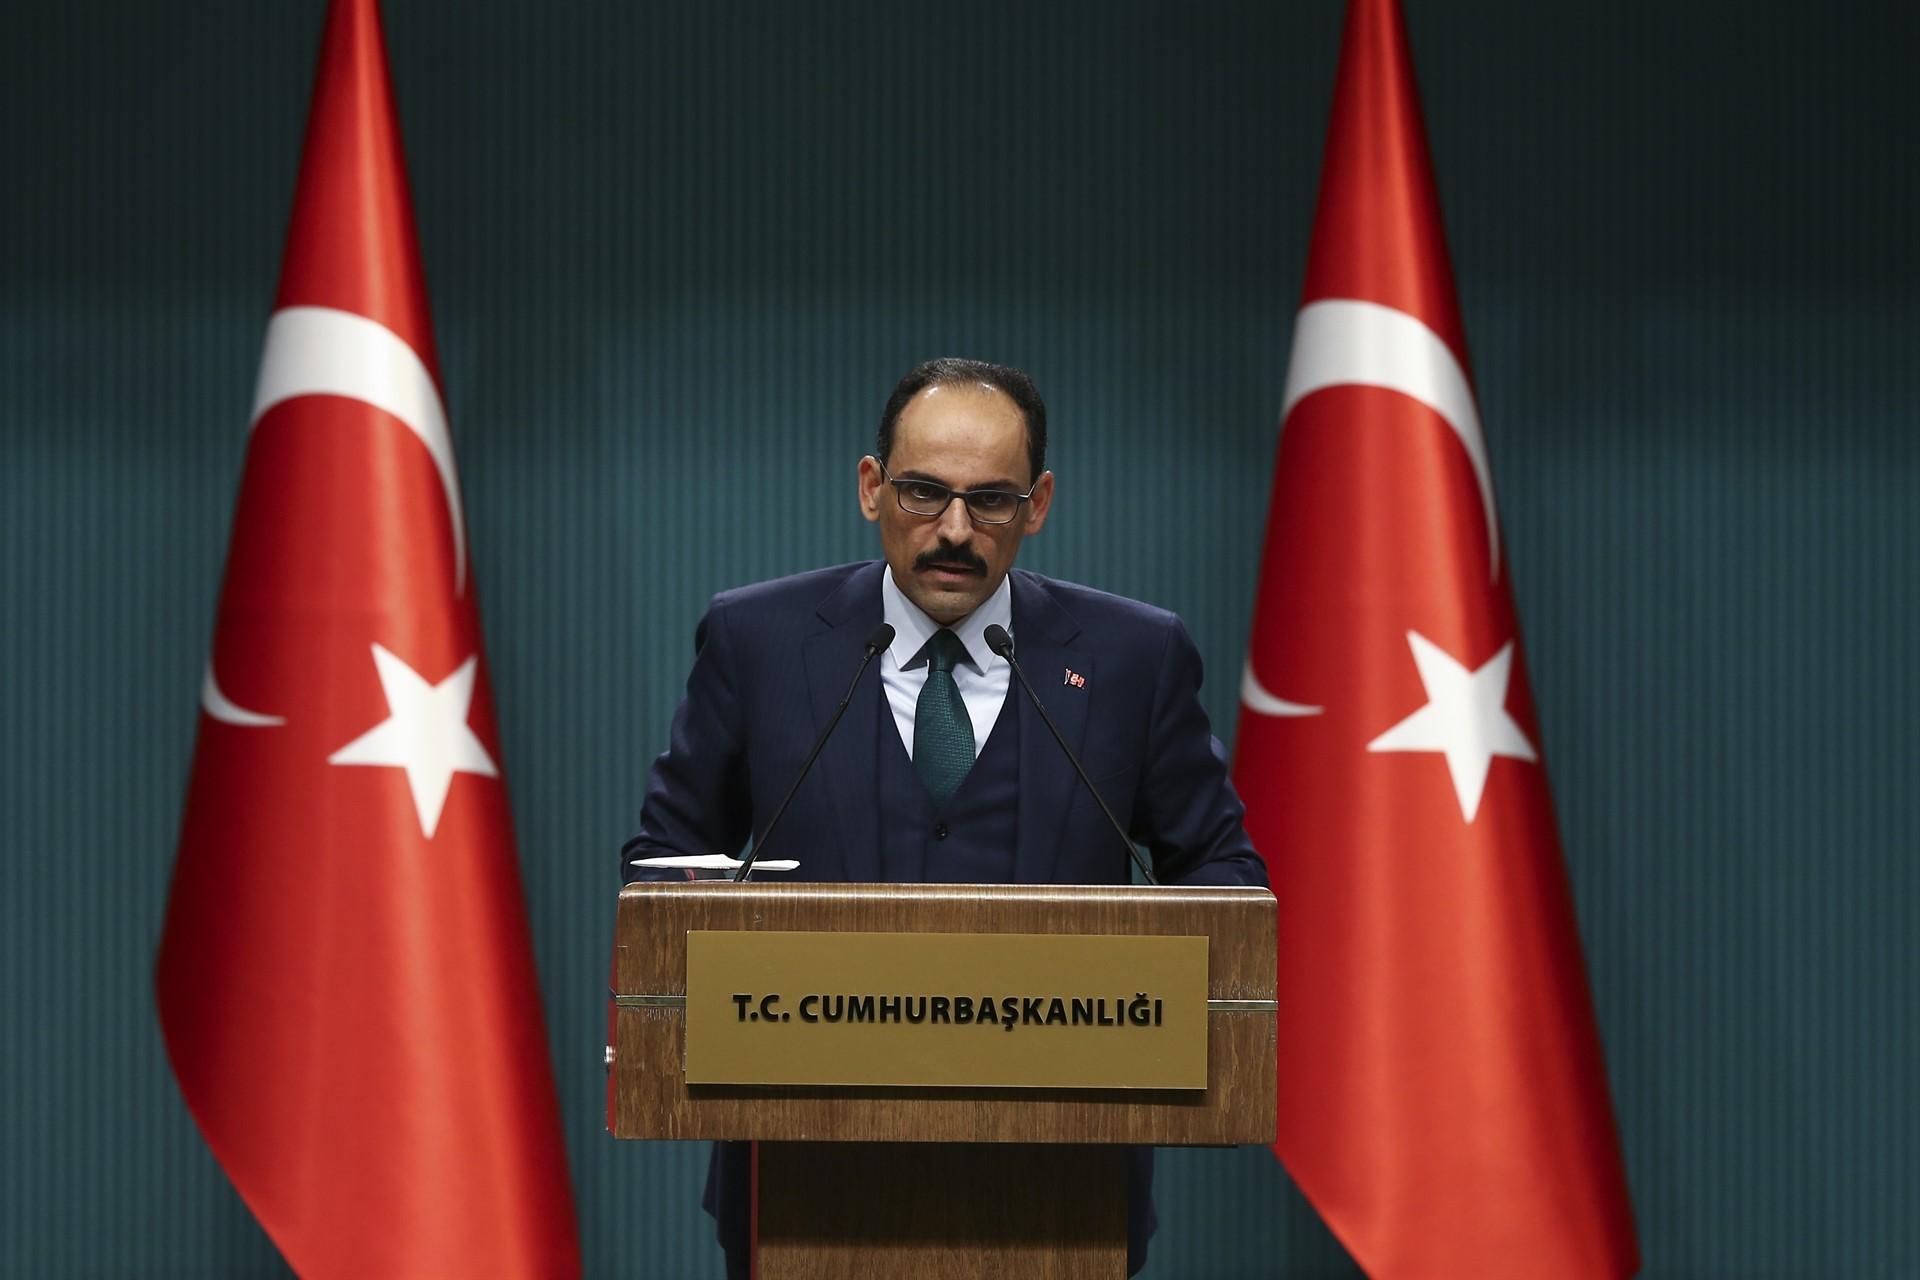 Cumhurbaşkanlığı Sözcüsü İbrahim Kalın basın toplantısı düzenliyor